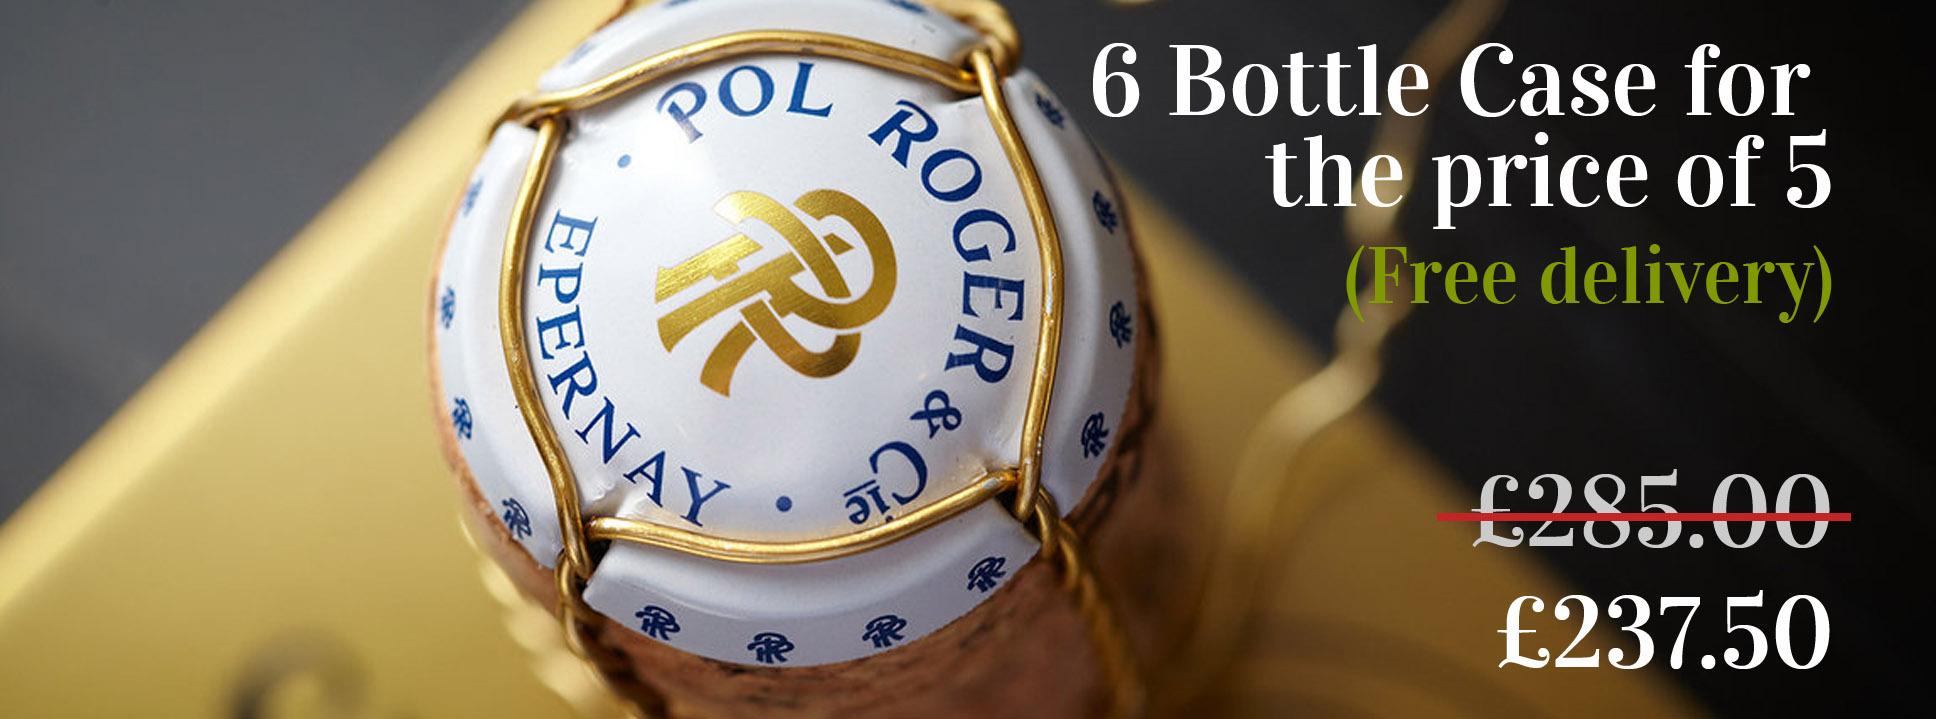 Pol Roger Offer - 6 bottle case for the price of 5 bottles